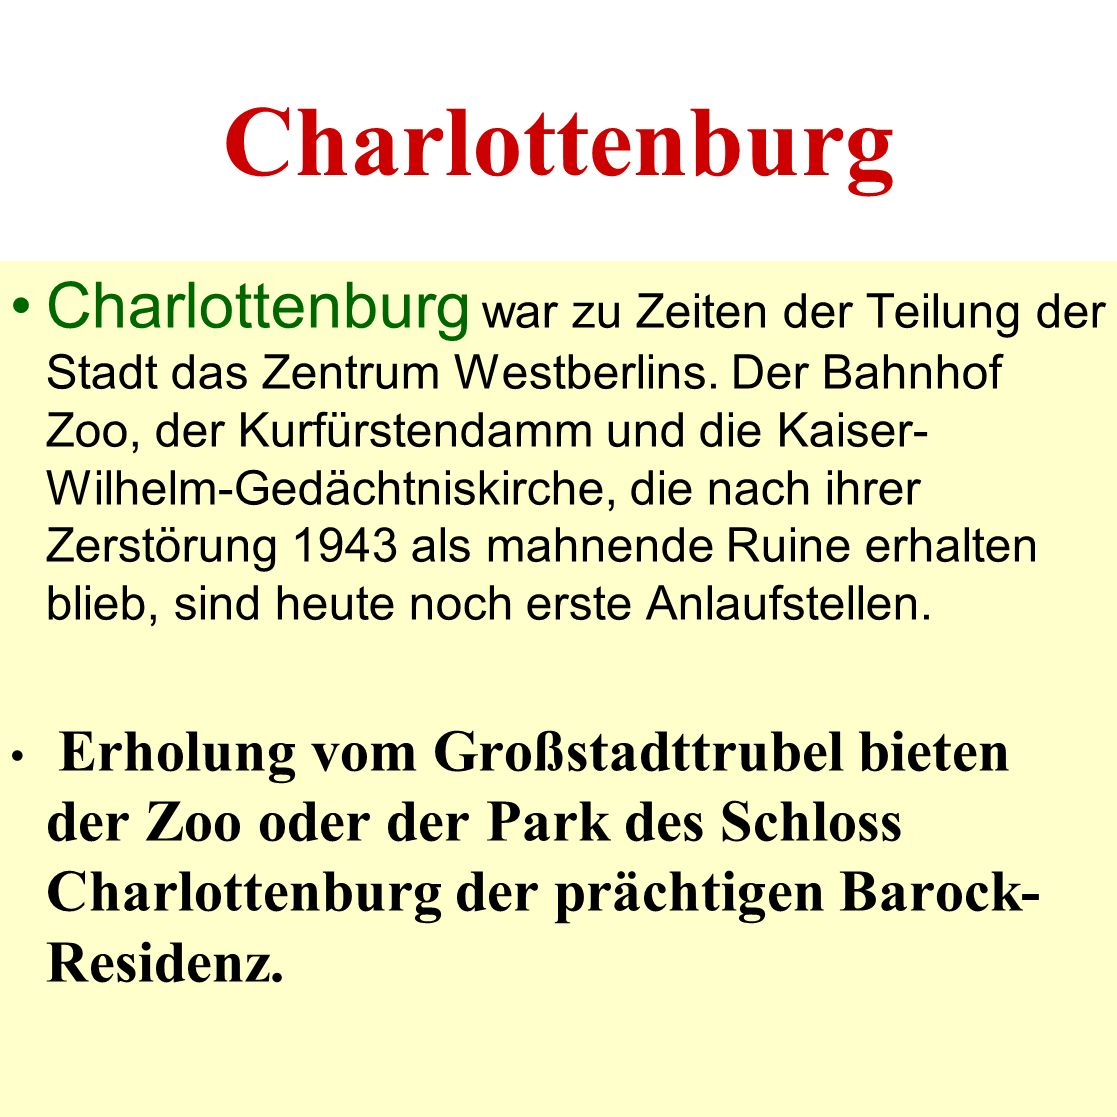 Charlottenburg Charlottenburg war zu Zeiten der Teilung der Stadt das Zentrum Westberlins.